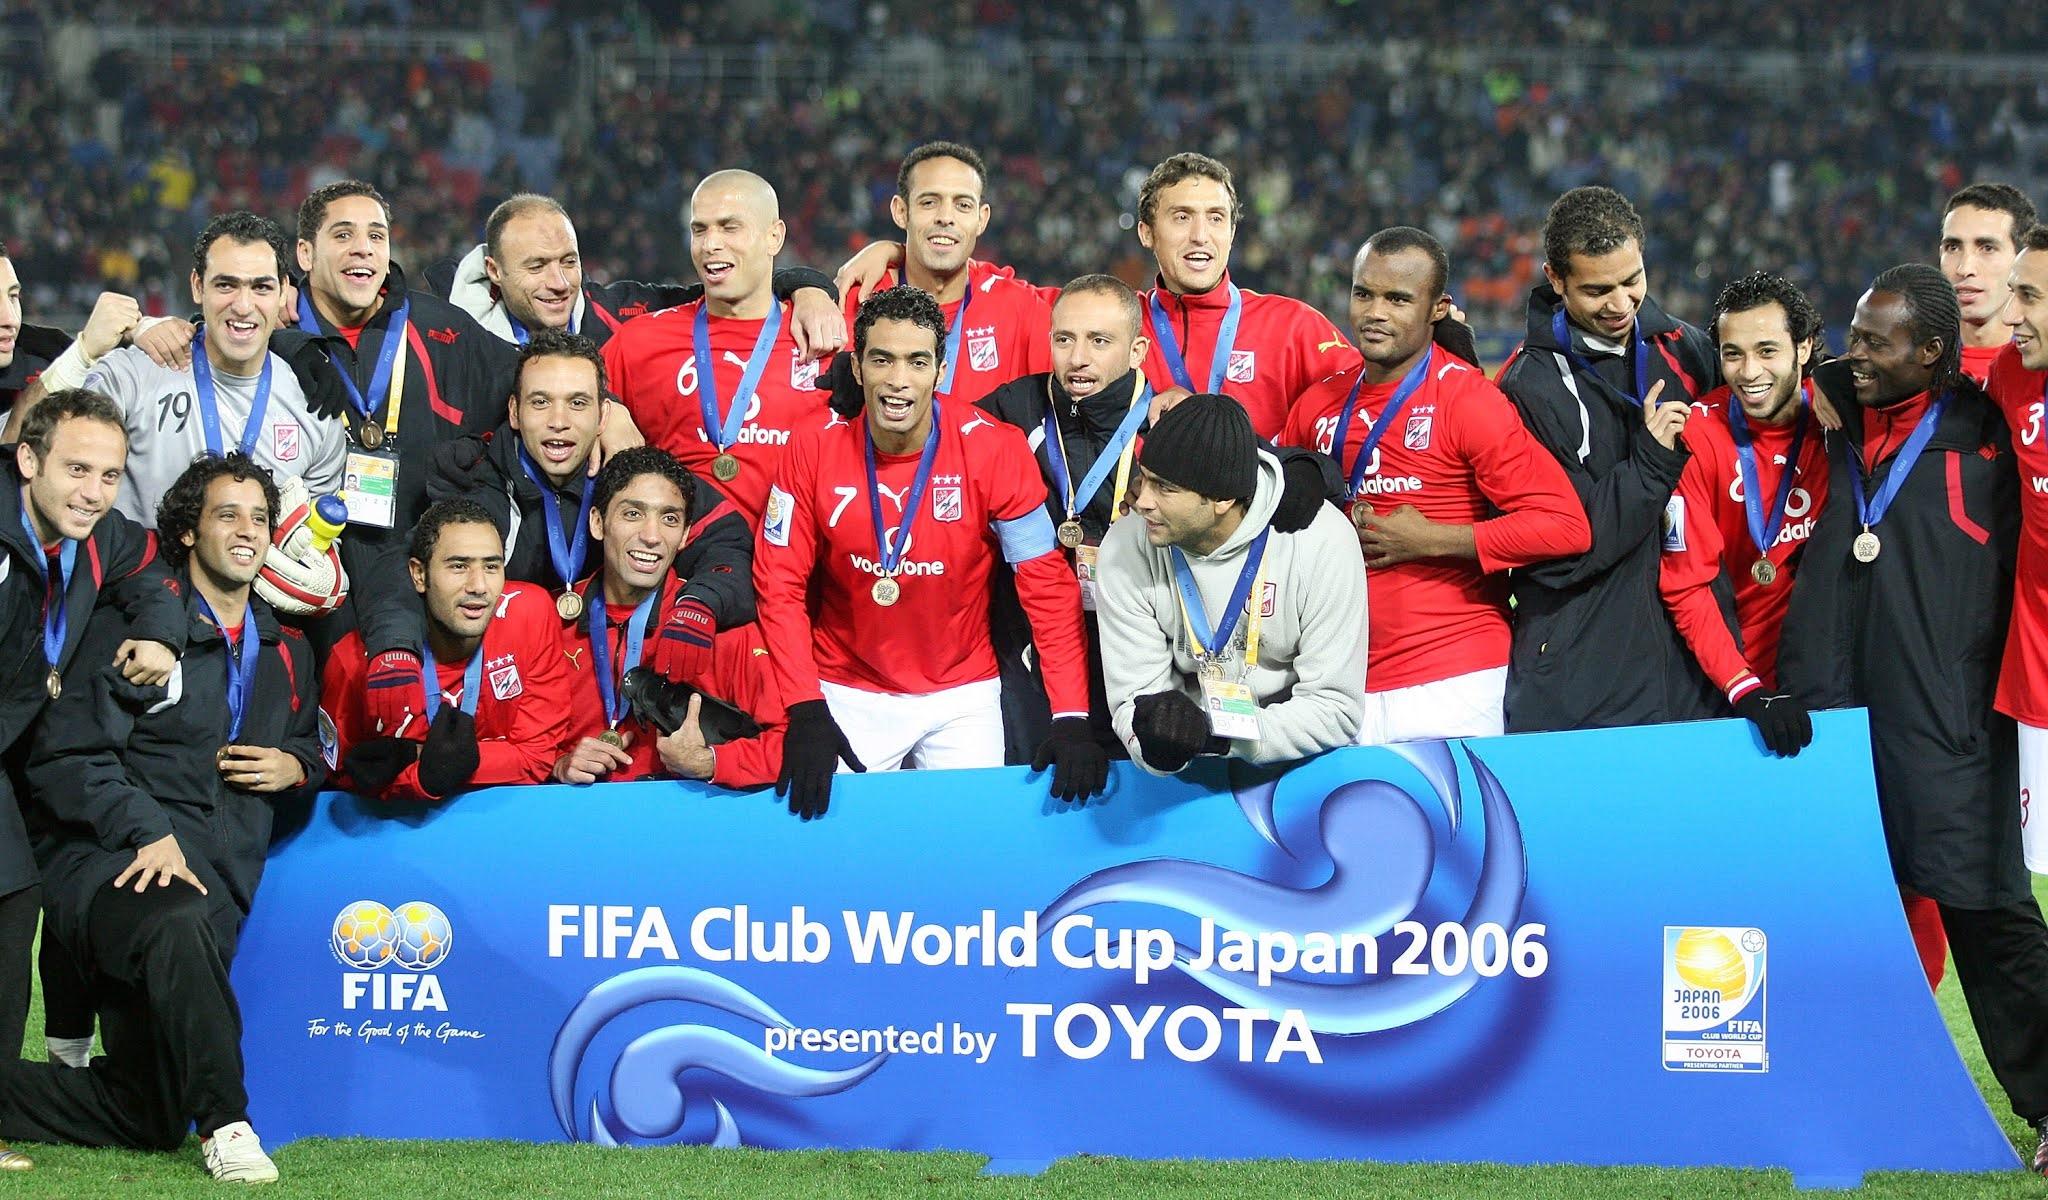 الأهلي المصري في كأس العالم للأندية